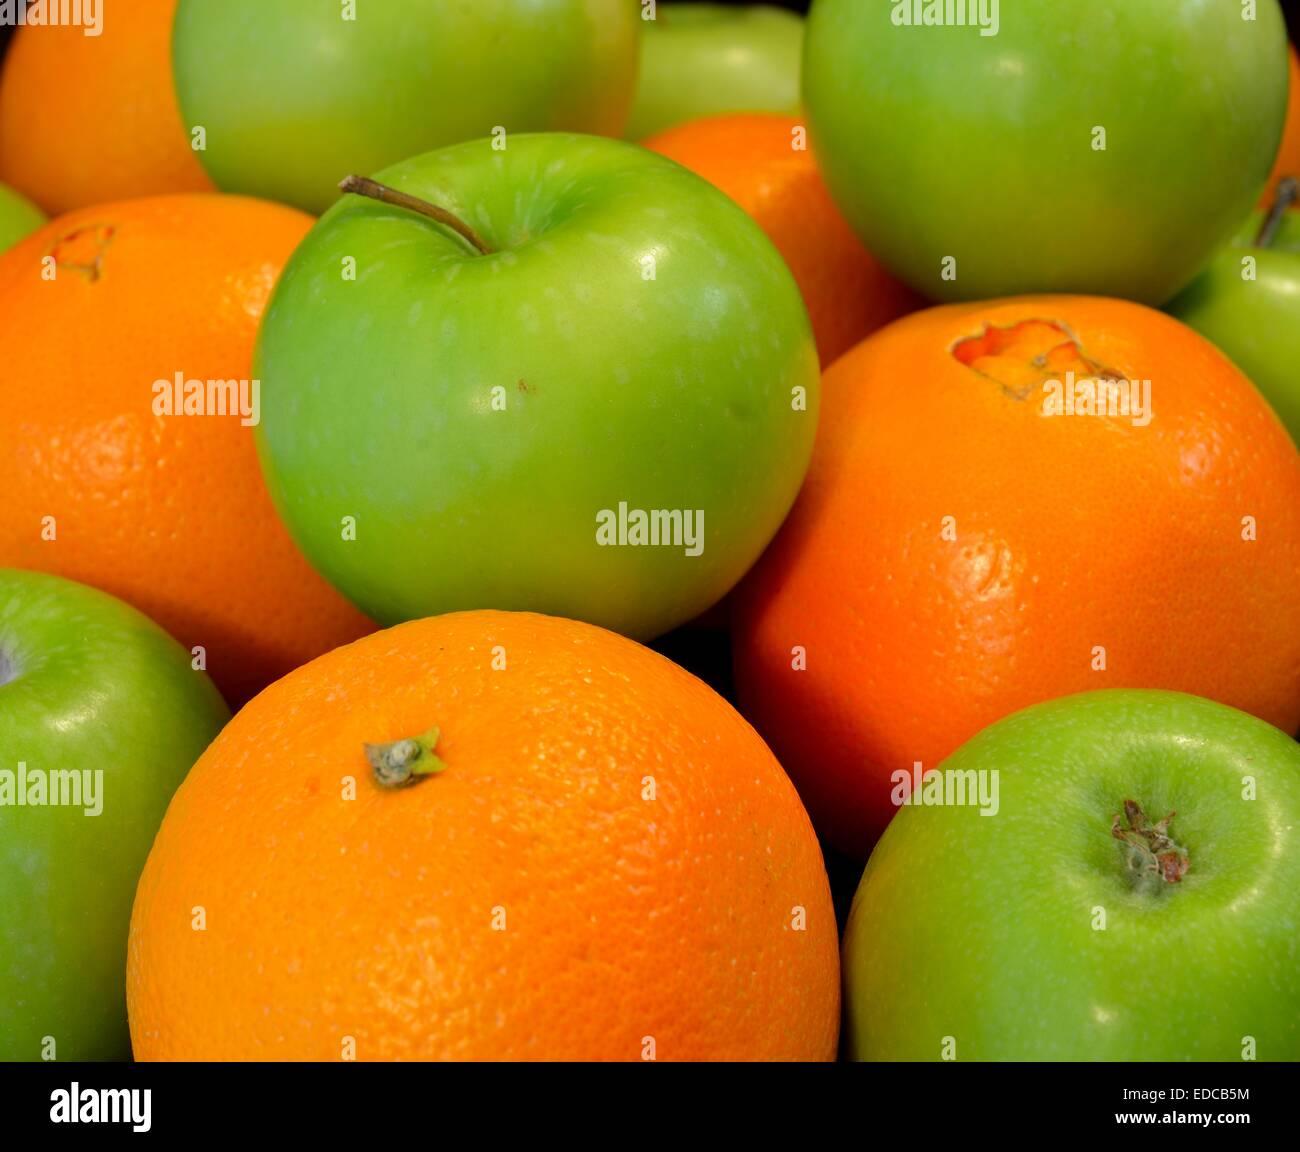 Mele e Orangers: un confronto Immagini Stock